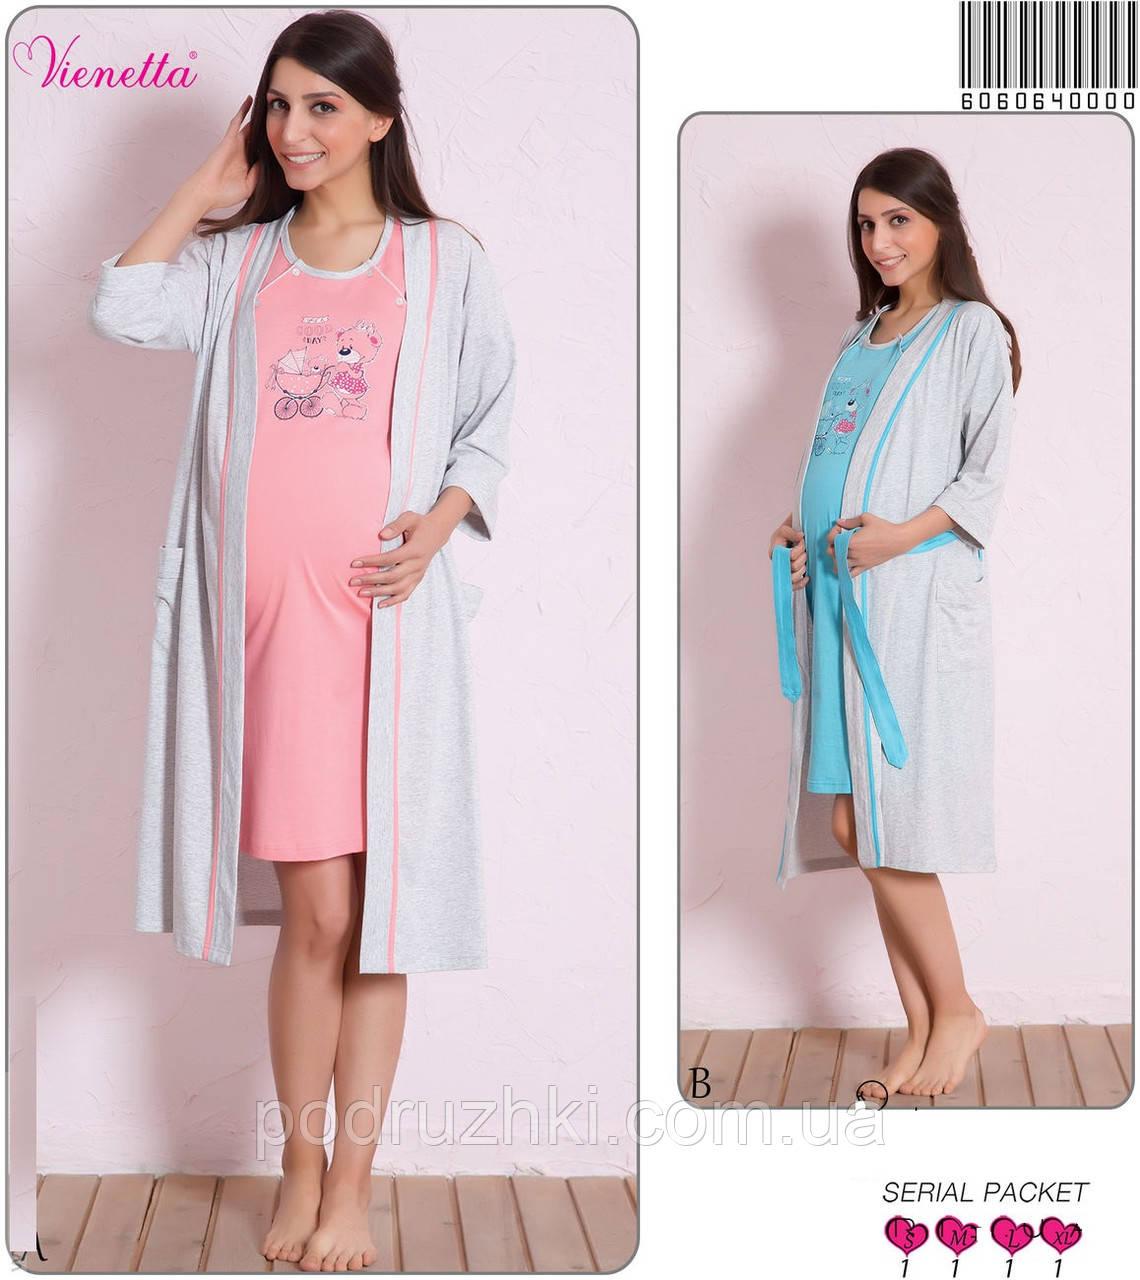 Комплект для беременных и кормящих из ночной сорочки и халата VIENETTA. c23f8bcc21b